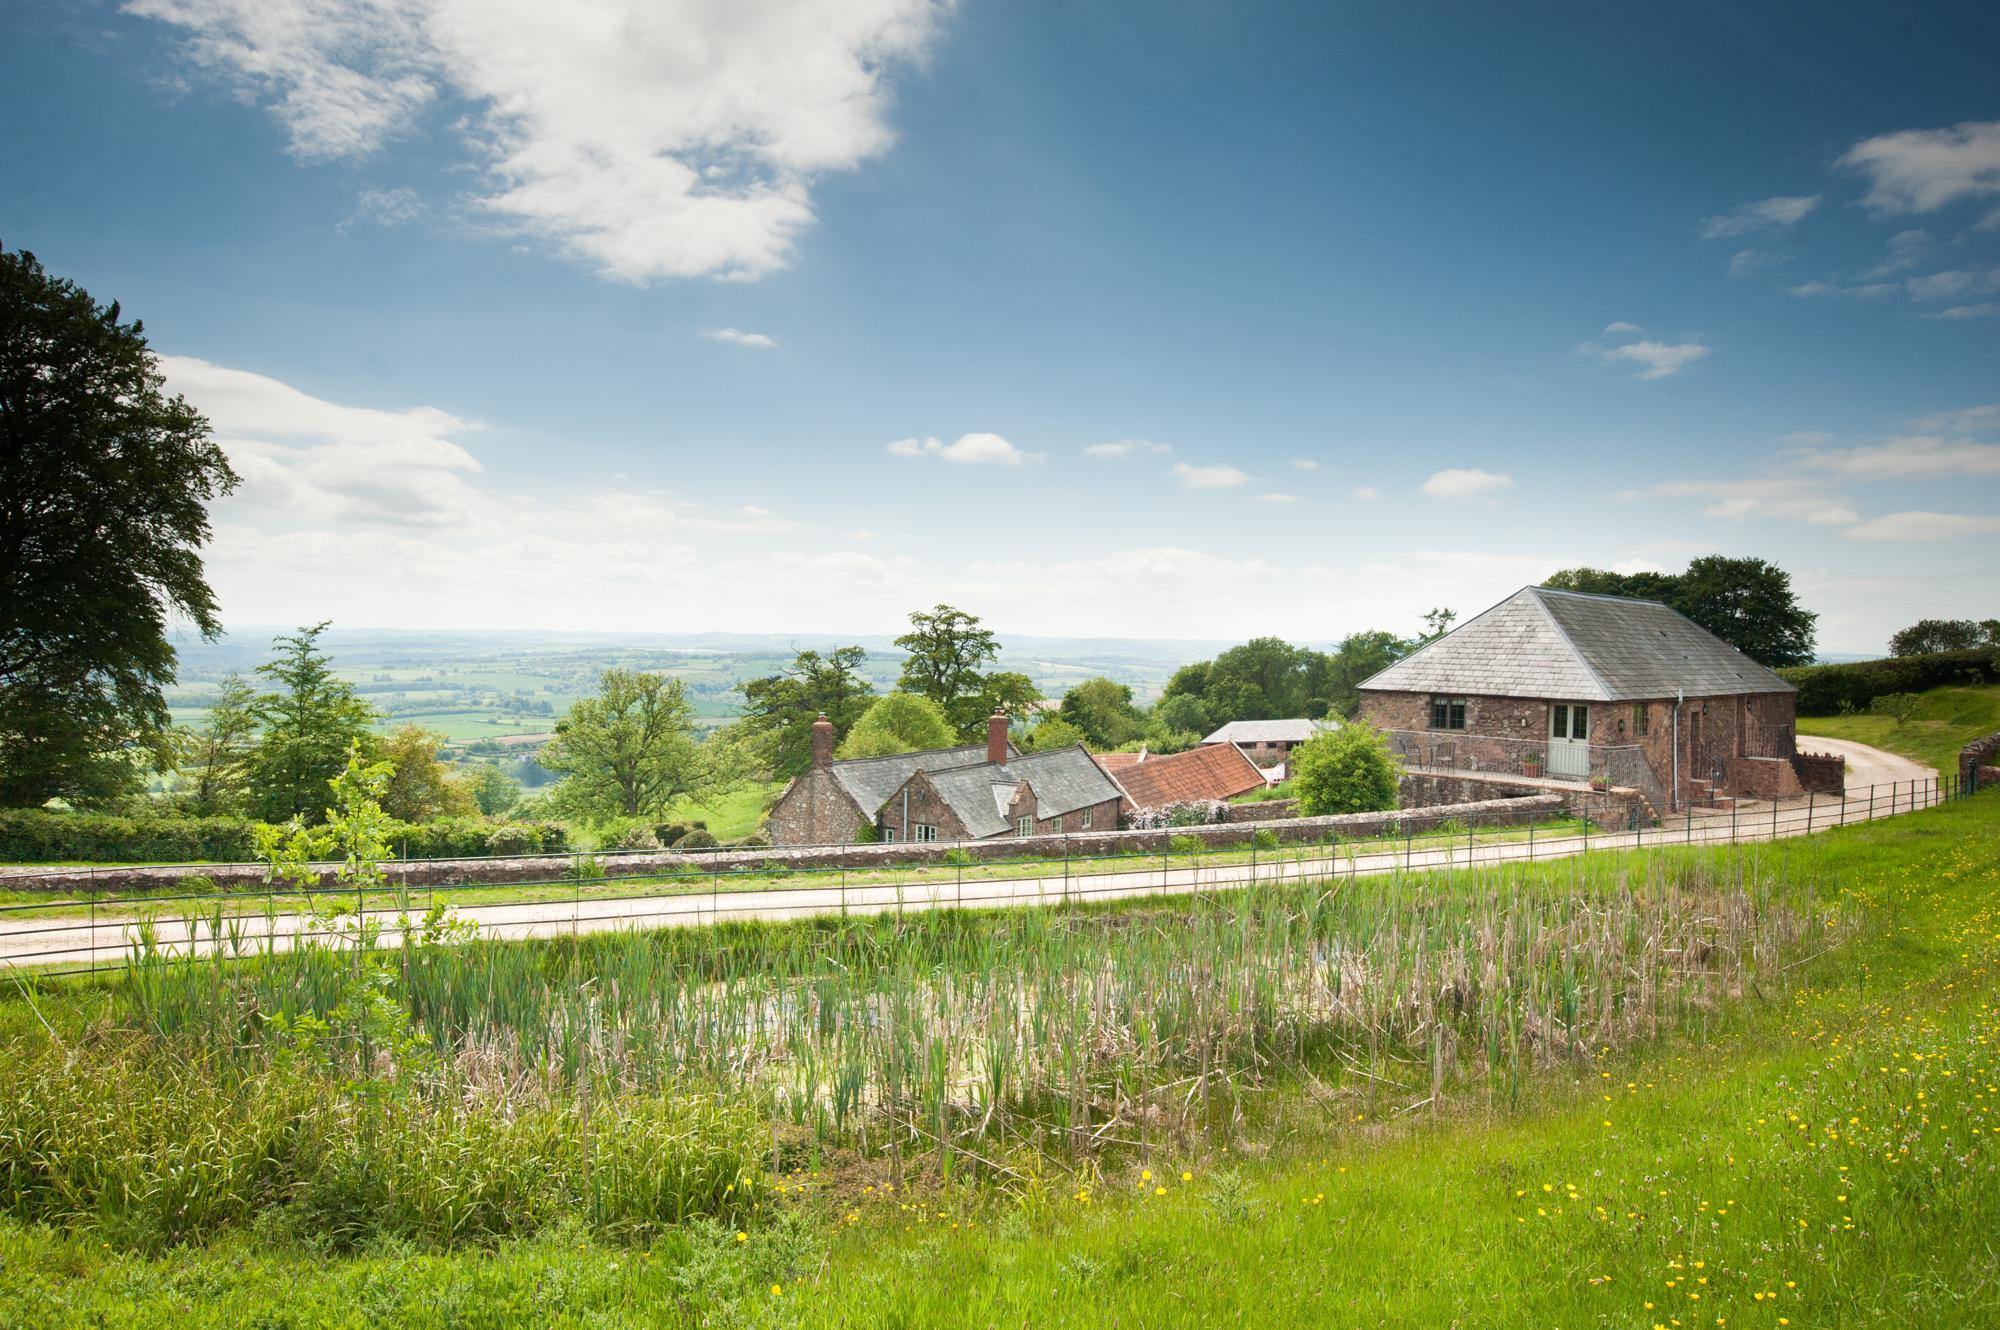 Tilbury Farm